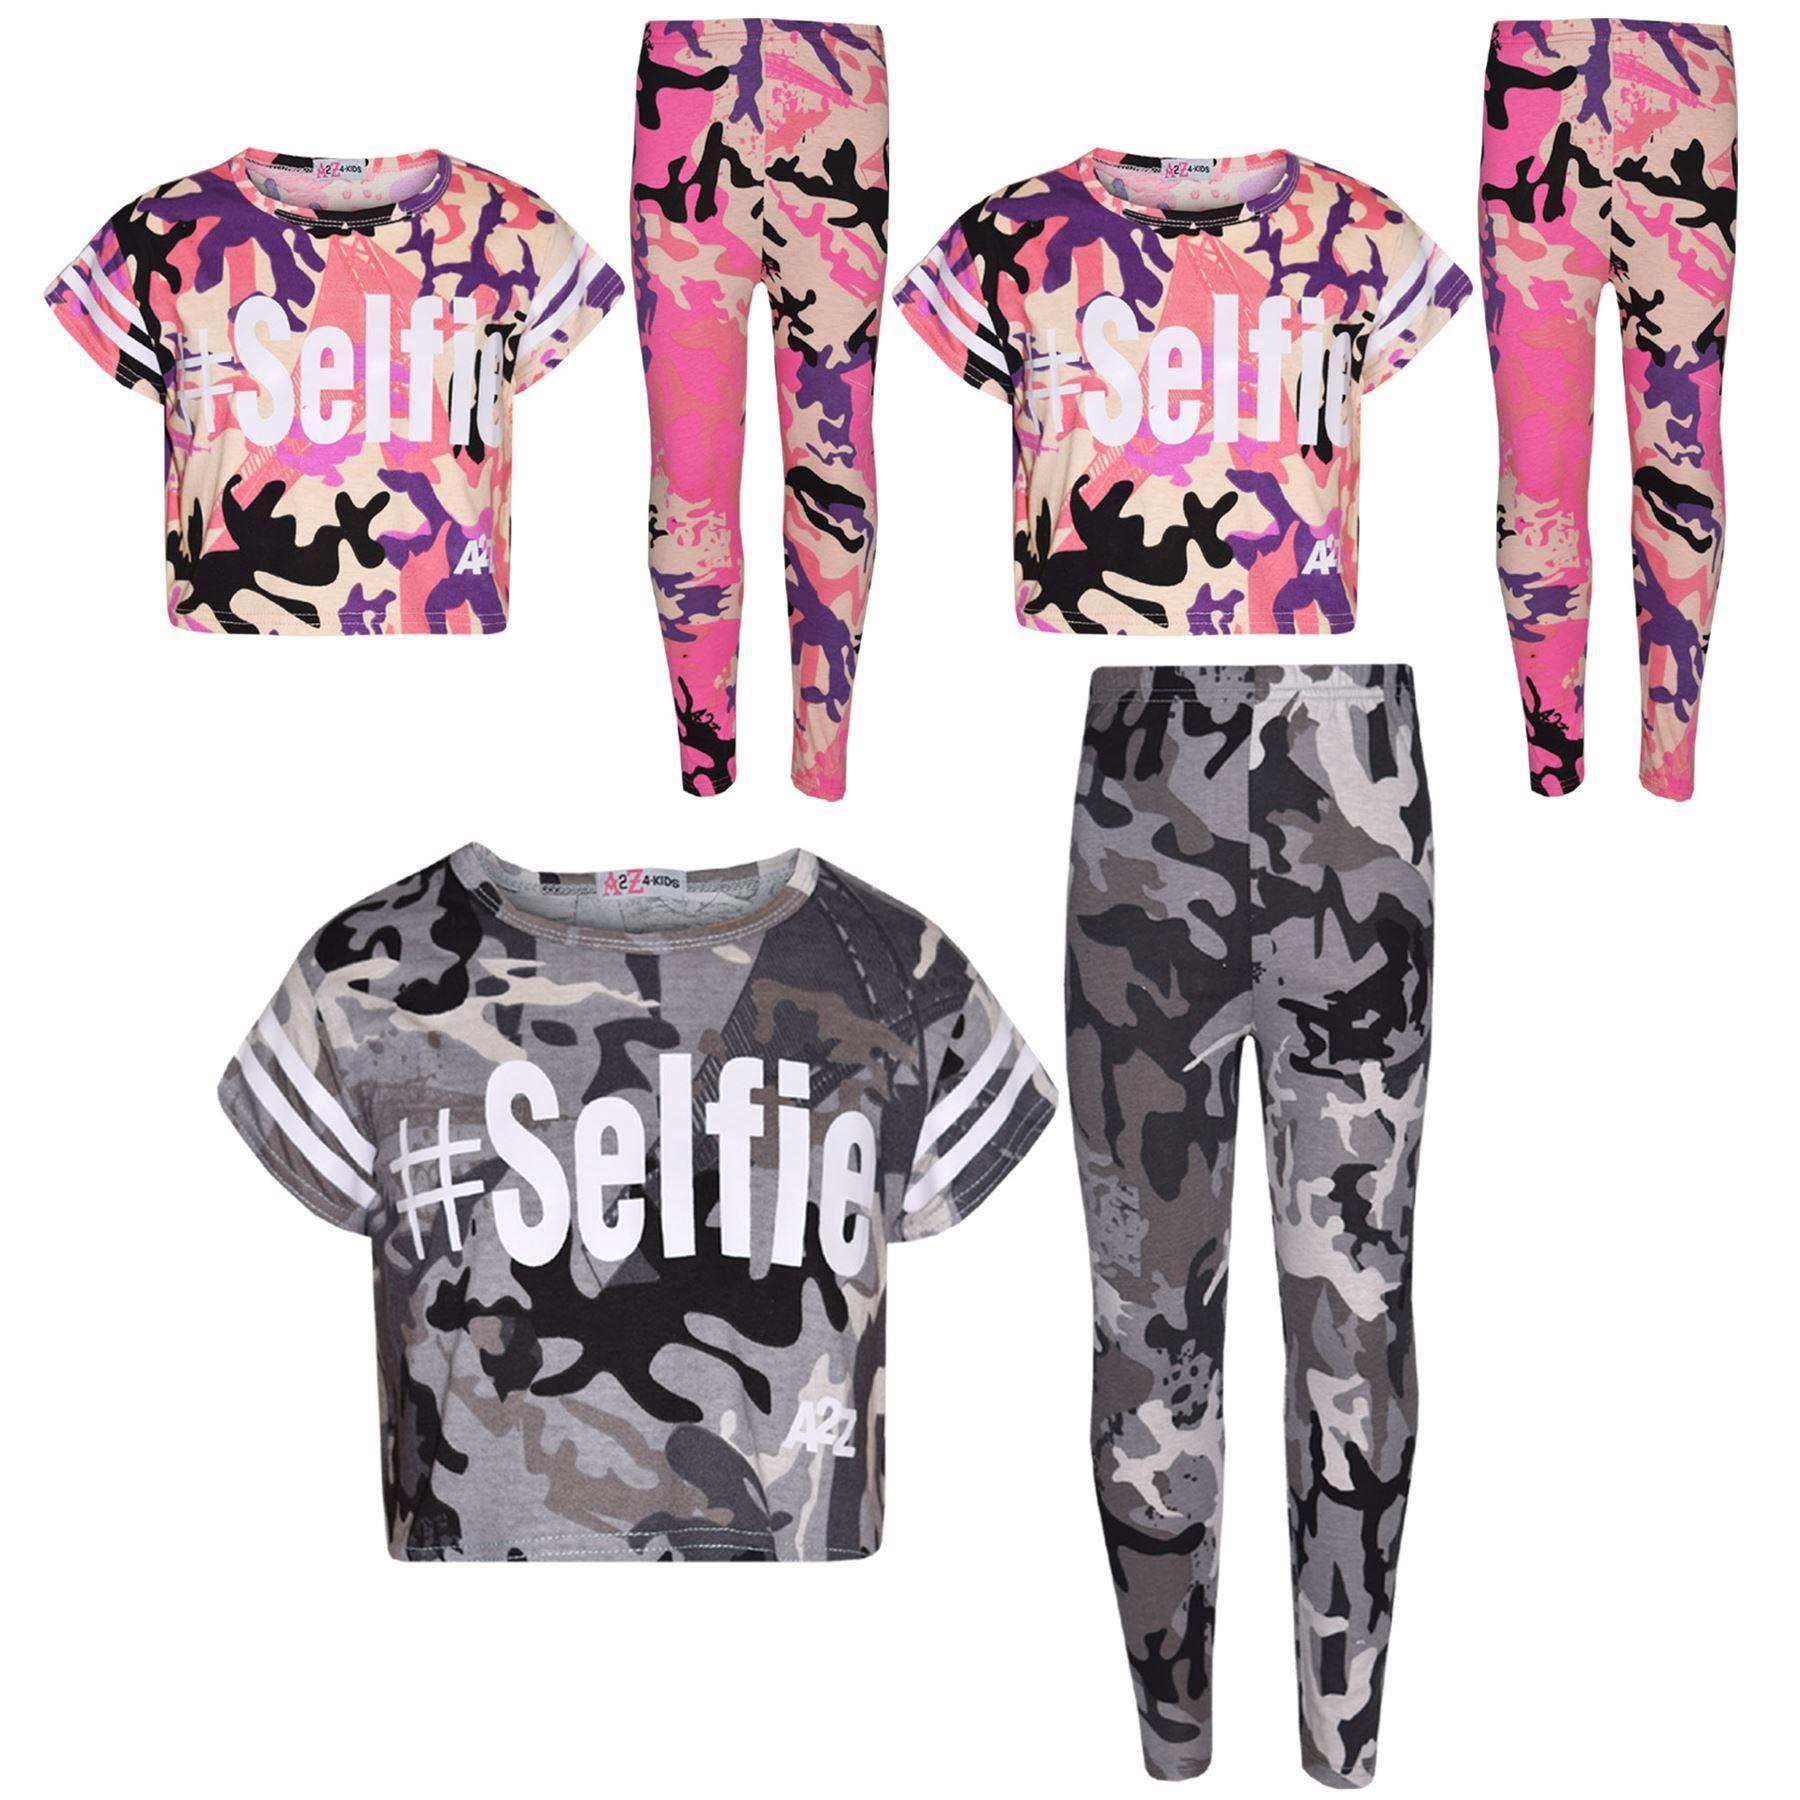 Girls Top Kids Designer/'s #Selfie Camouflage T Shirt Top /& Legging Set 7-13 Year